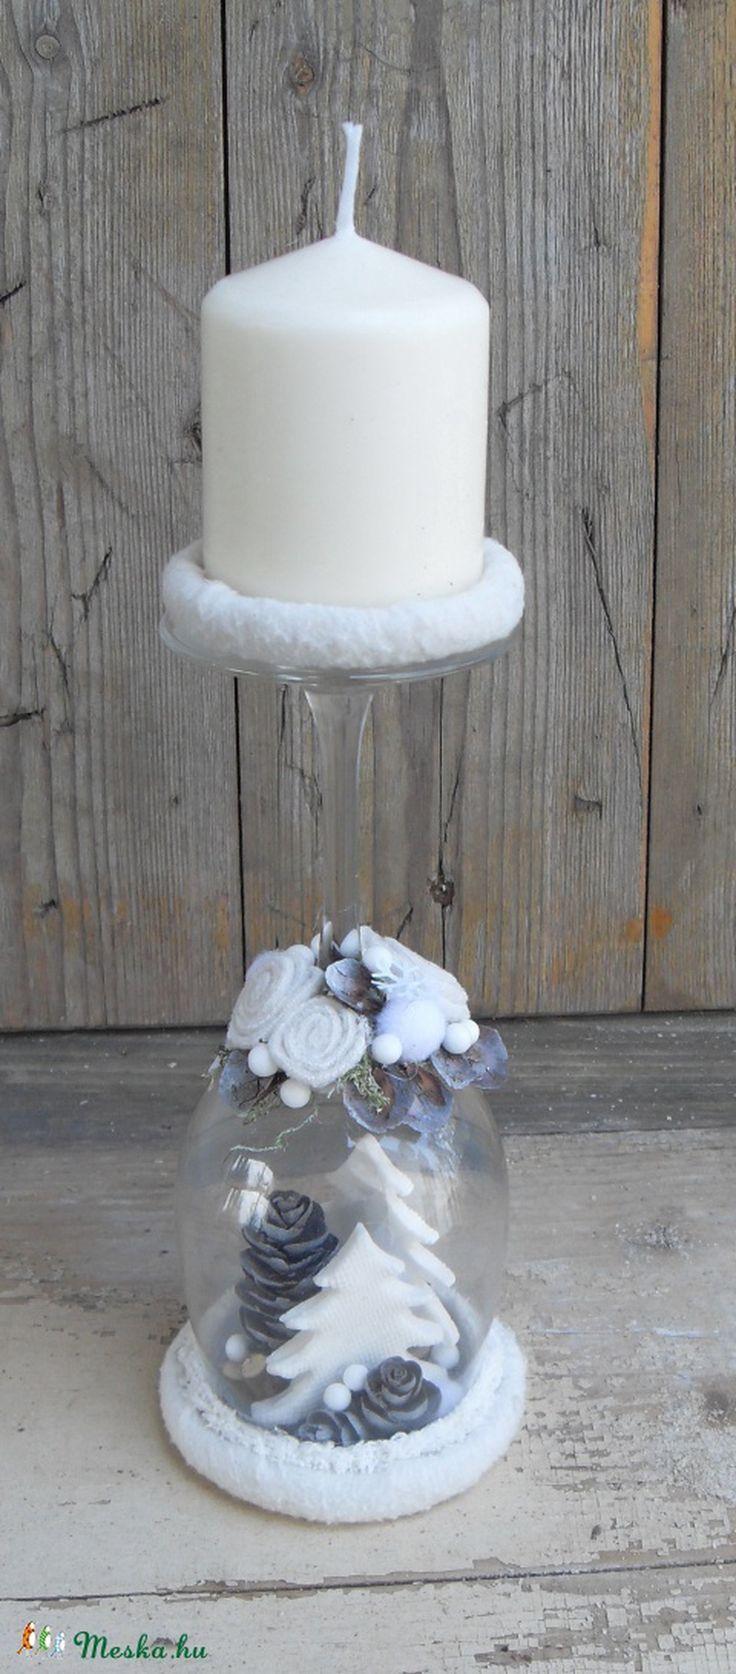 Egy cseppnyi tél... ezt rejti ez a borospohárból készített gyertyatartó.  A pohár kelyhe, mint egy varázsgömb, melyben felsejlik egy darabka a téli tájból. Havazni fog... ezt jósolja... talán fehér karácsony lesz...  A boros poharat egy polárral bevont befőttesüveg kupakra rögzítettem. A pohár kelyhe alá fehér akrillal színezett, gyűjtögetett tobozokból, szódabikarbóna kerámiából készített fehér fenyőfákból, ág darabokból és hungarocell golyókból varázsoltam egy tenyérnyi természetet. A…